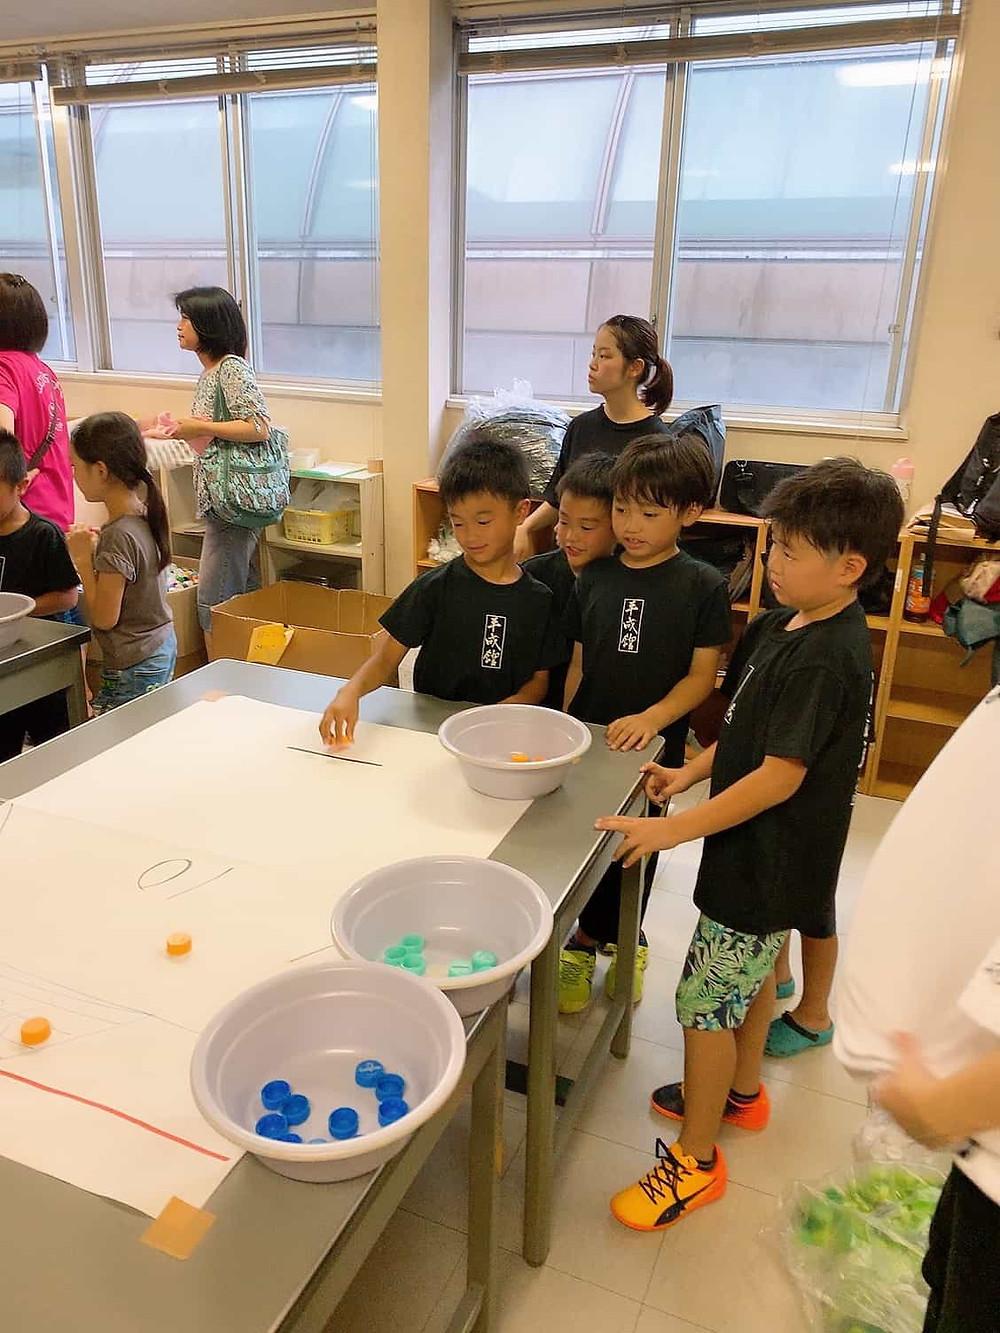 大牟田市スポーツ教室平成館ボランティア活動